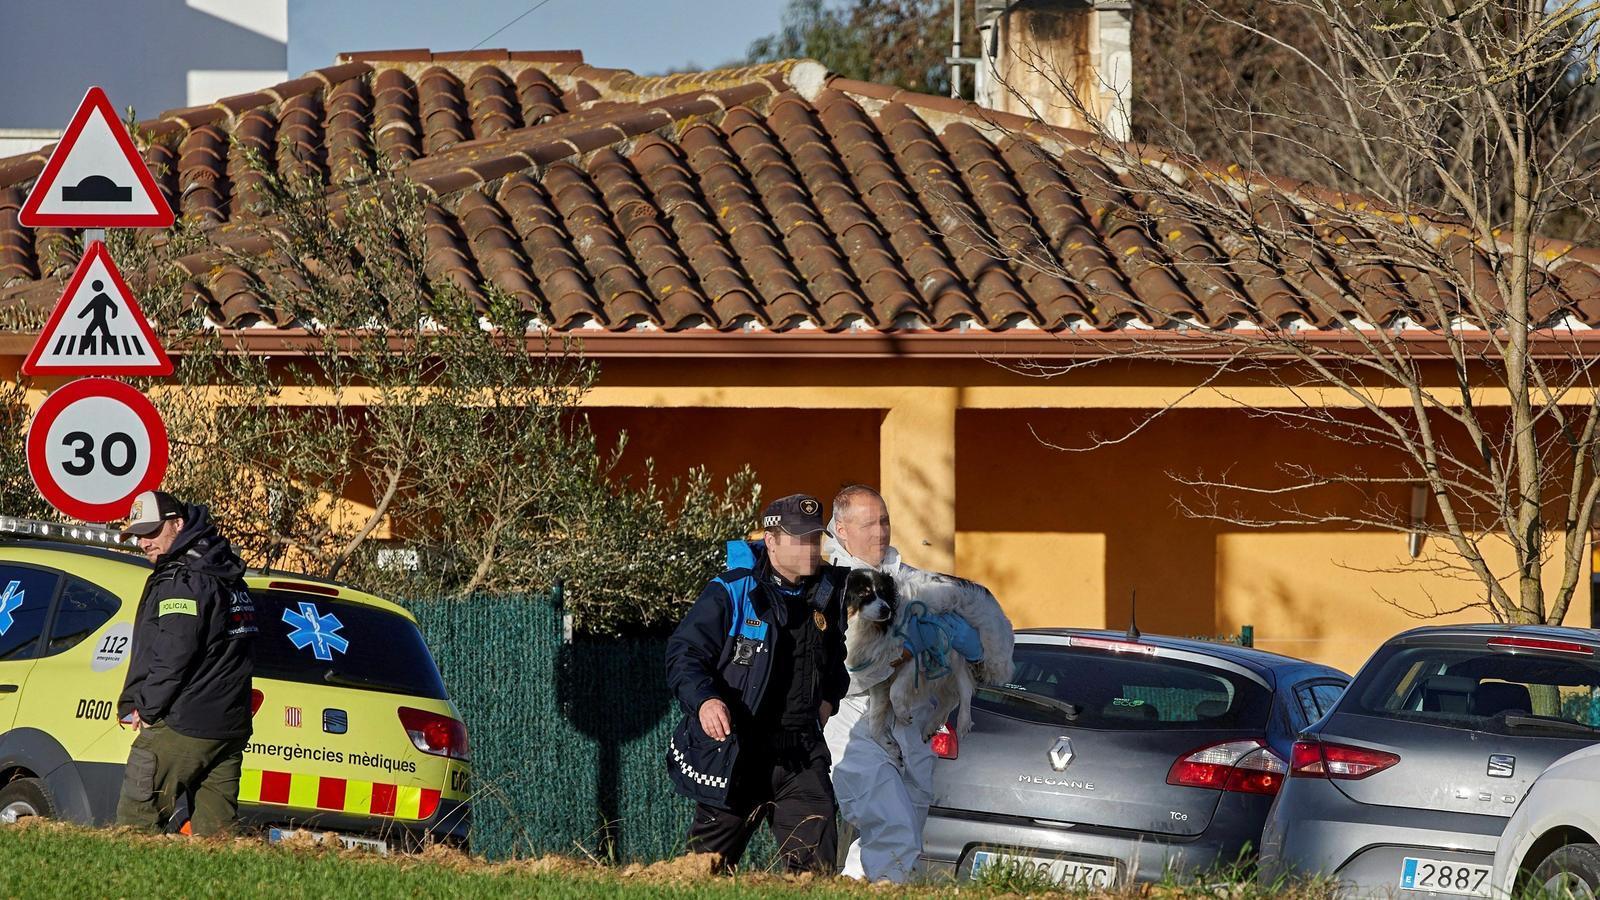 Minut de silenci a Vilobí d'Onyar per la mort violenta de les dues germanes de 5 i 6 anys